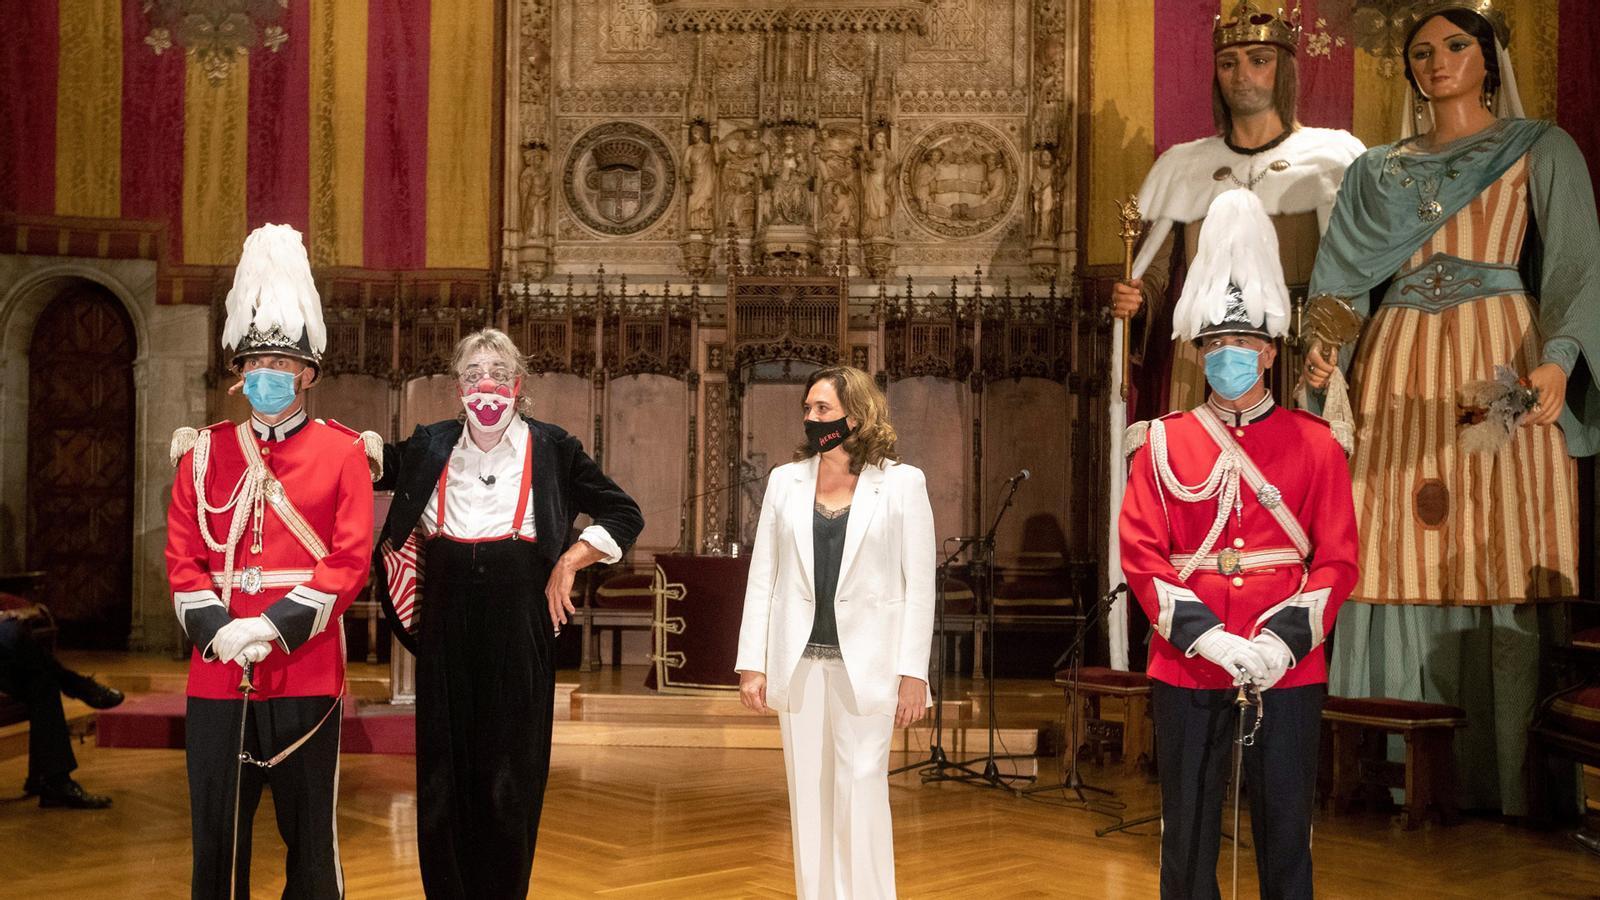 L'alcalde de Puigcerdà demana no anar a la Cerdanya aquest cap de setmana, seguim pendents de la inhabilitació del president Torra i l'Ajuntament de Barcelona retira la Medalla d'Or a Barrera a proposta de Valls: les claus del dia, amb Antoni Bassas (24/09/2020)